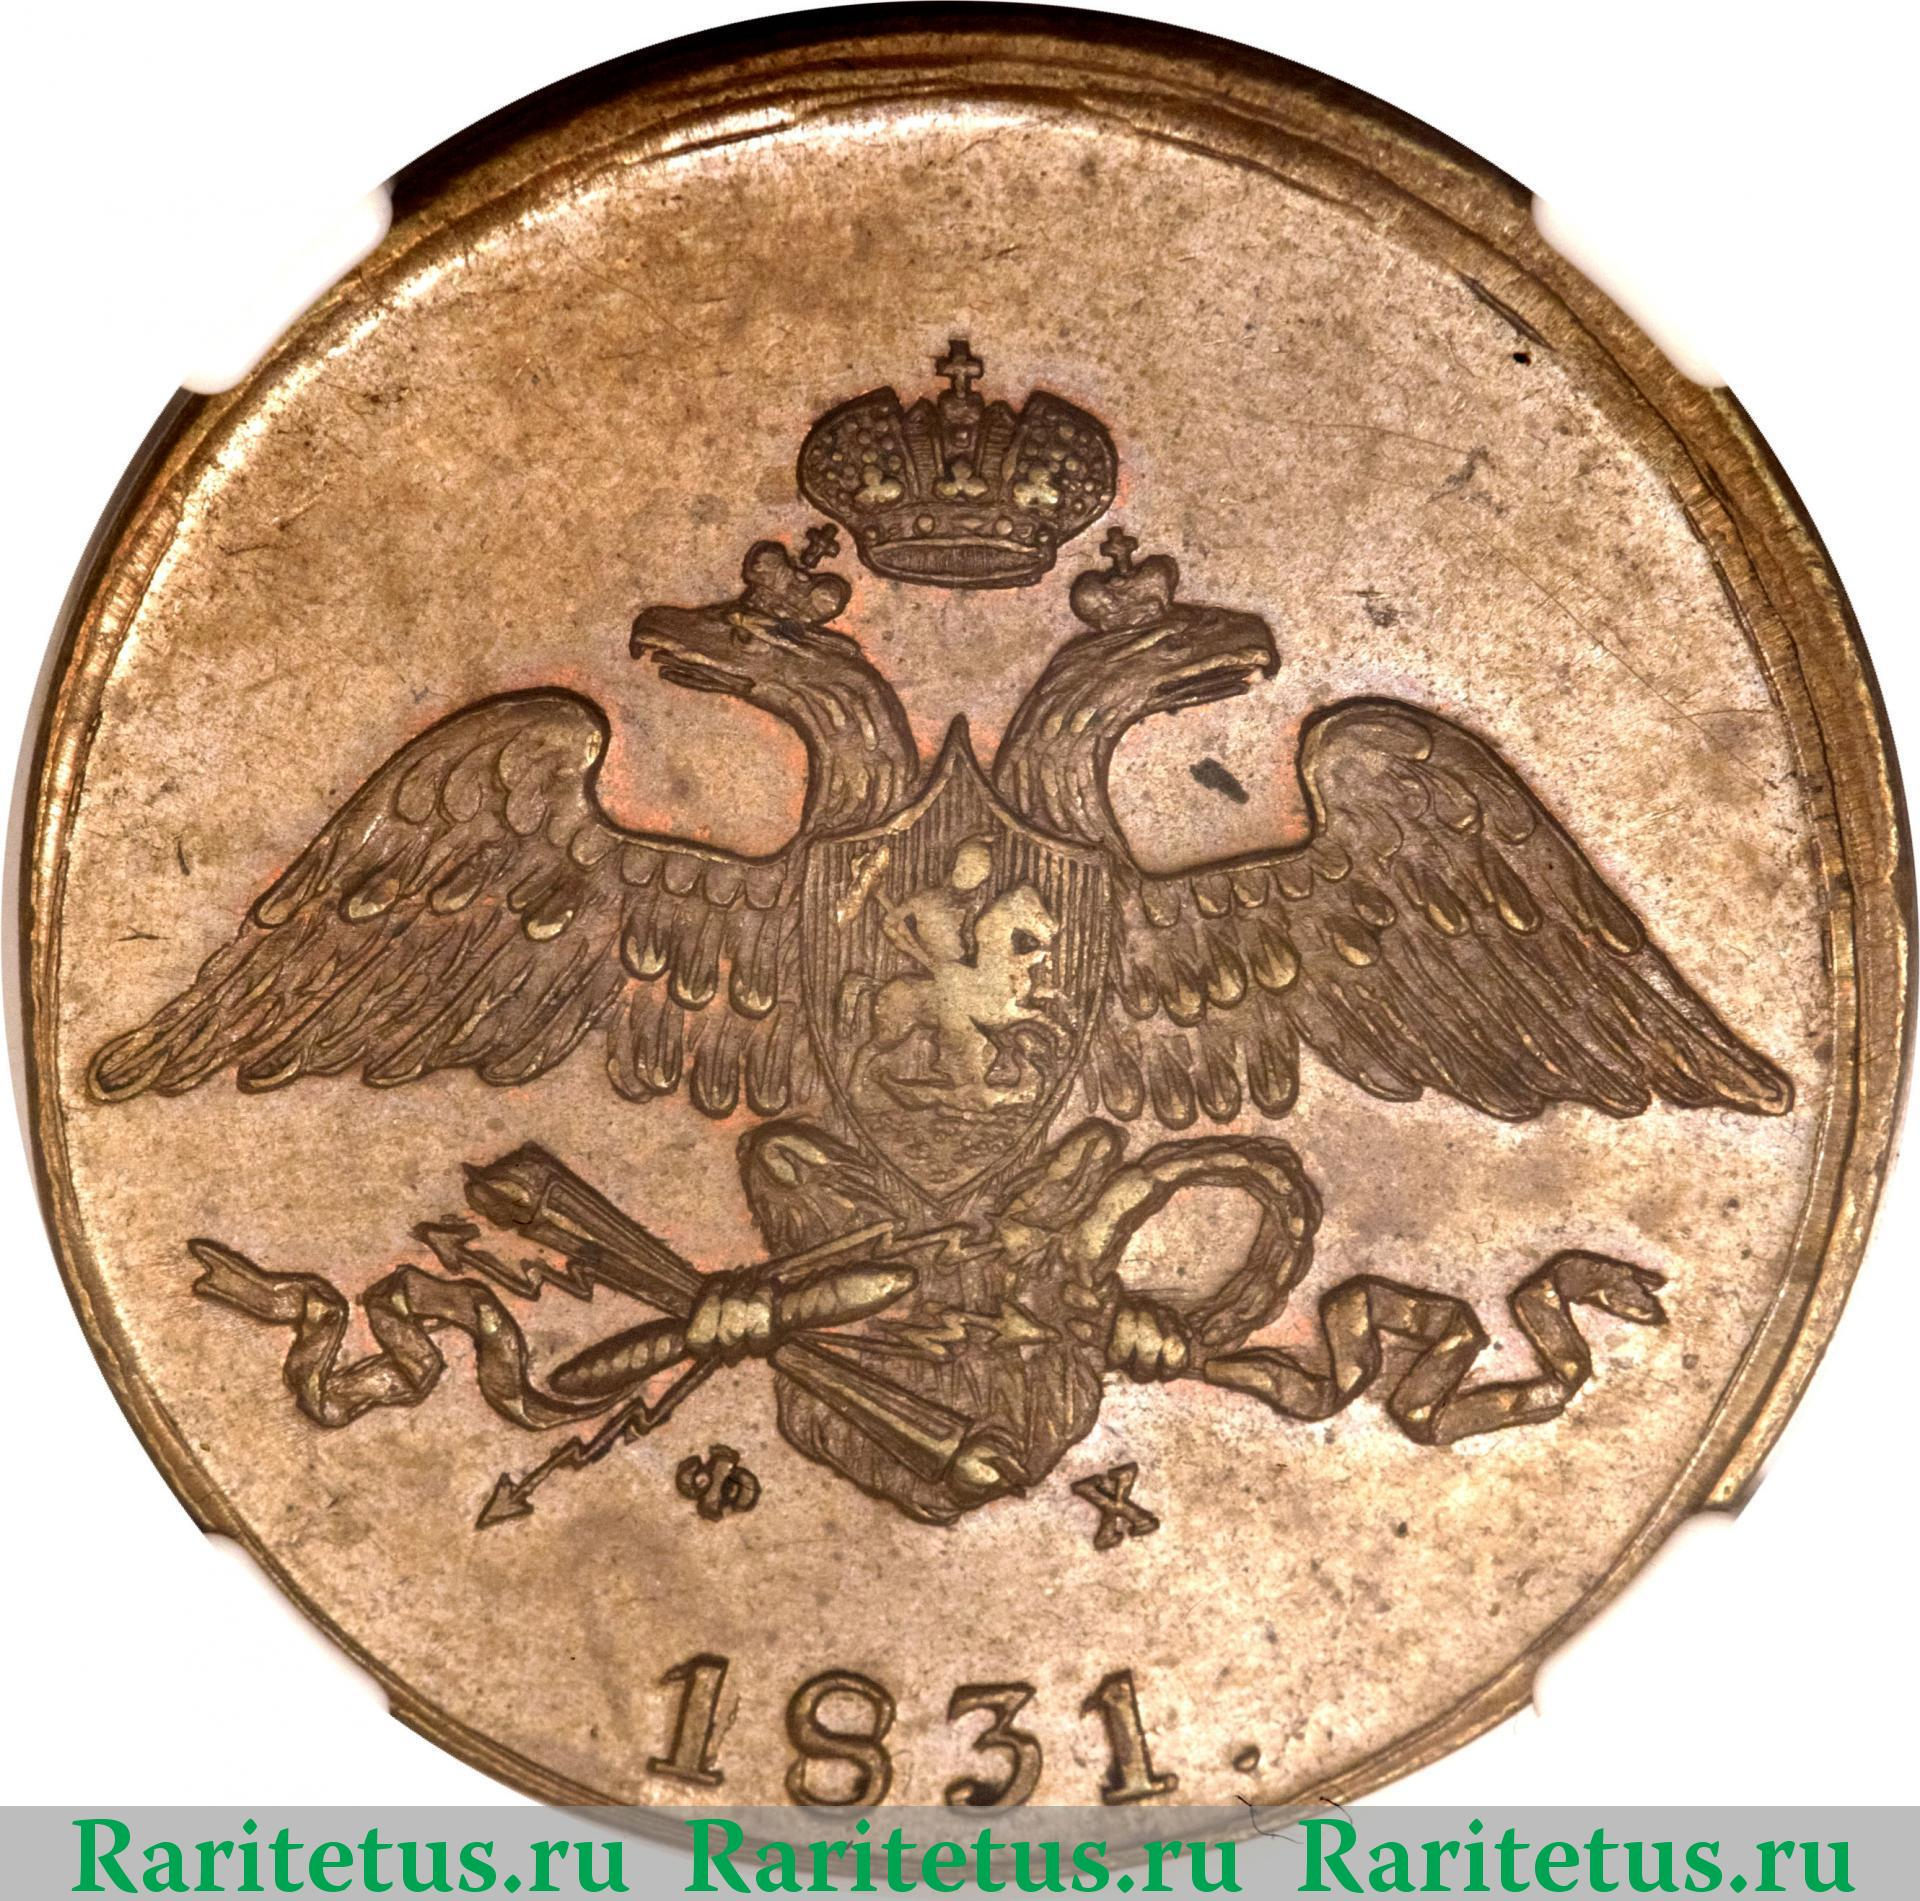 5 копеек 1831 года стоимость цены на юбилейные 10